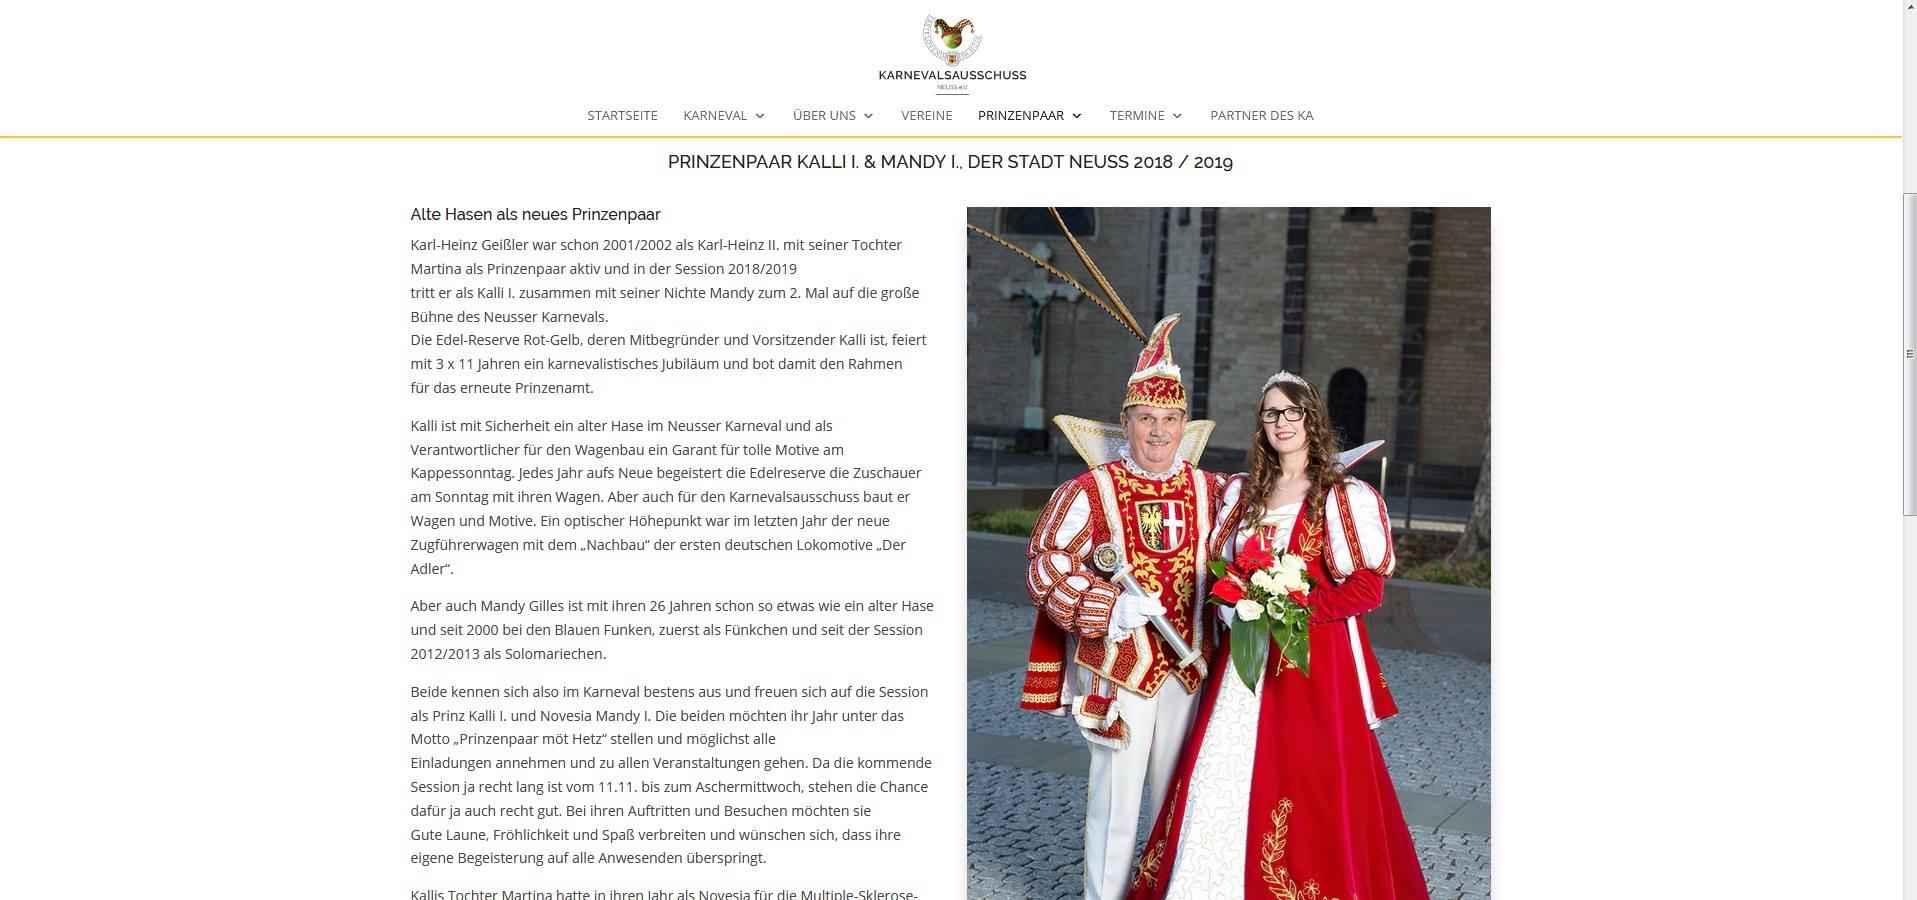 Screenshot der Seite für das Prinzenpaar mit einem Bild und Text von www.ka-neuss.de